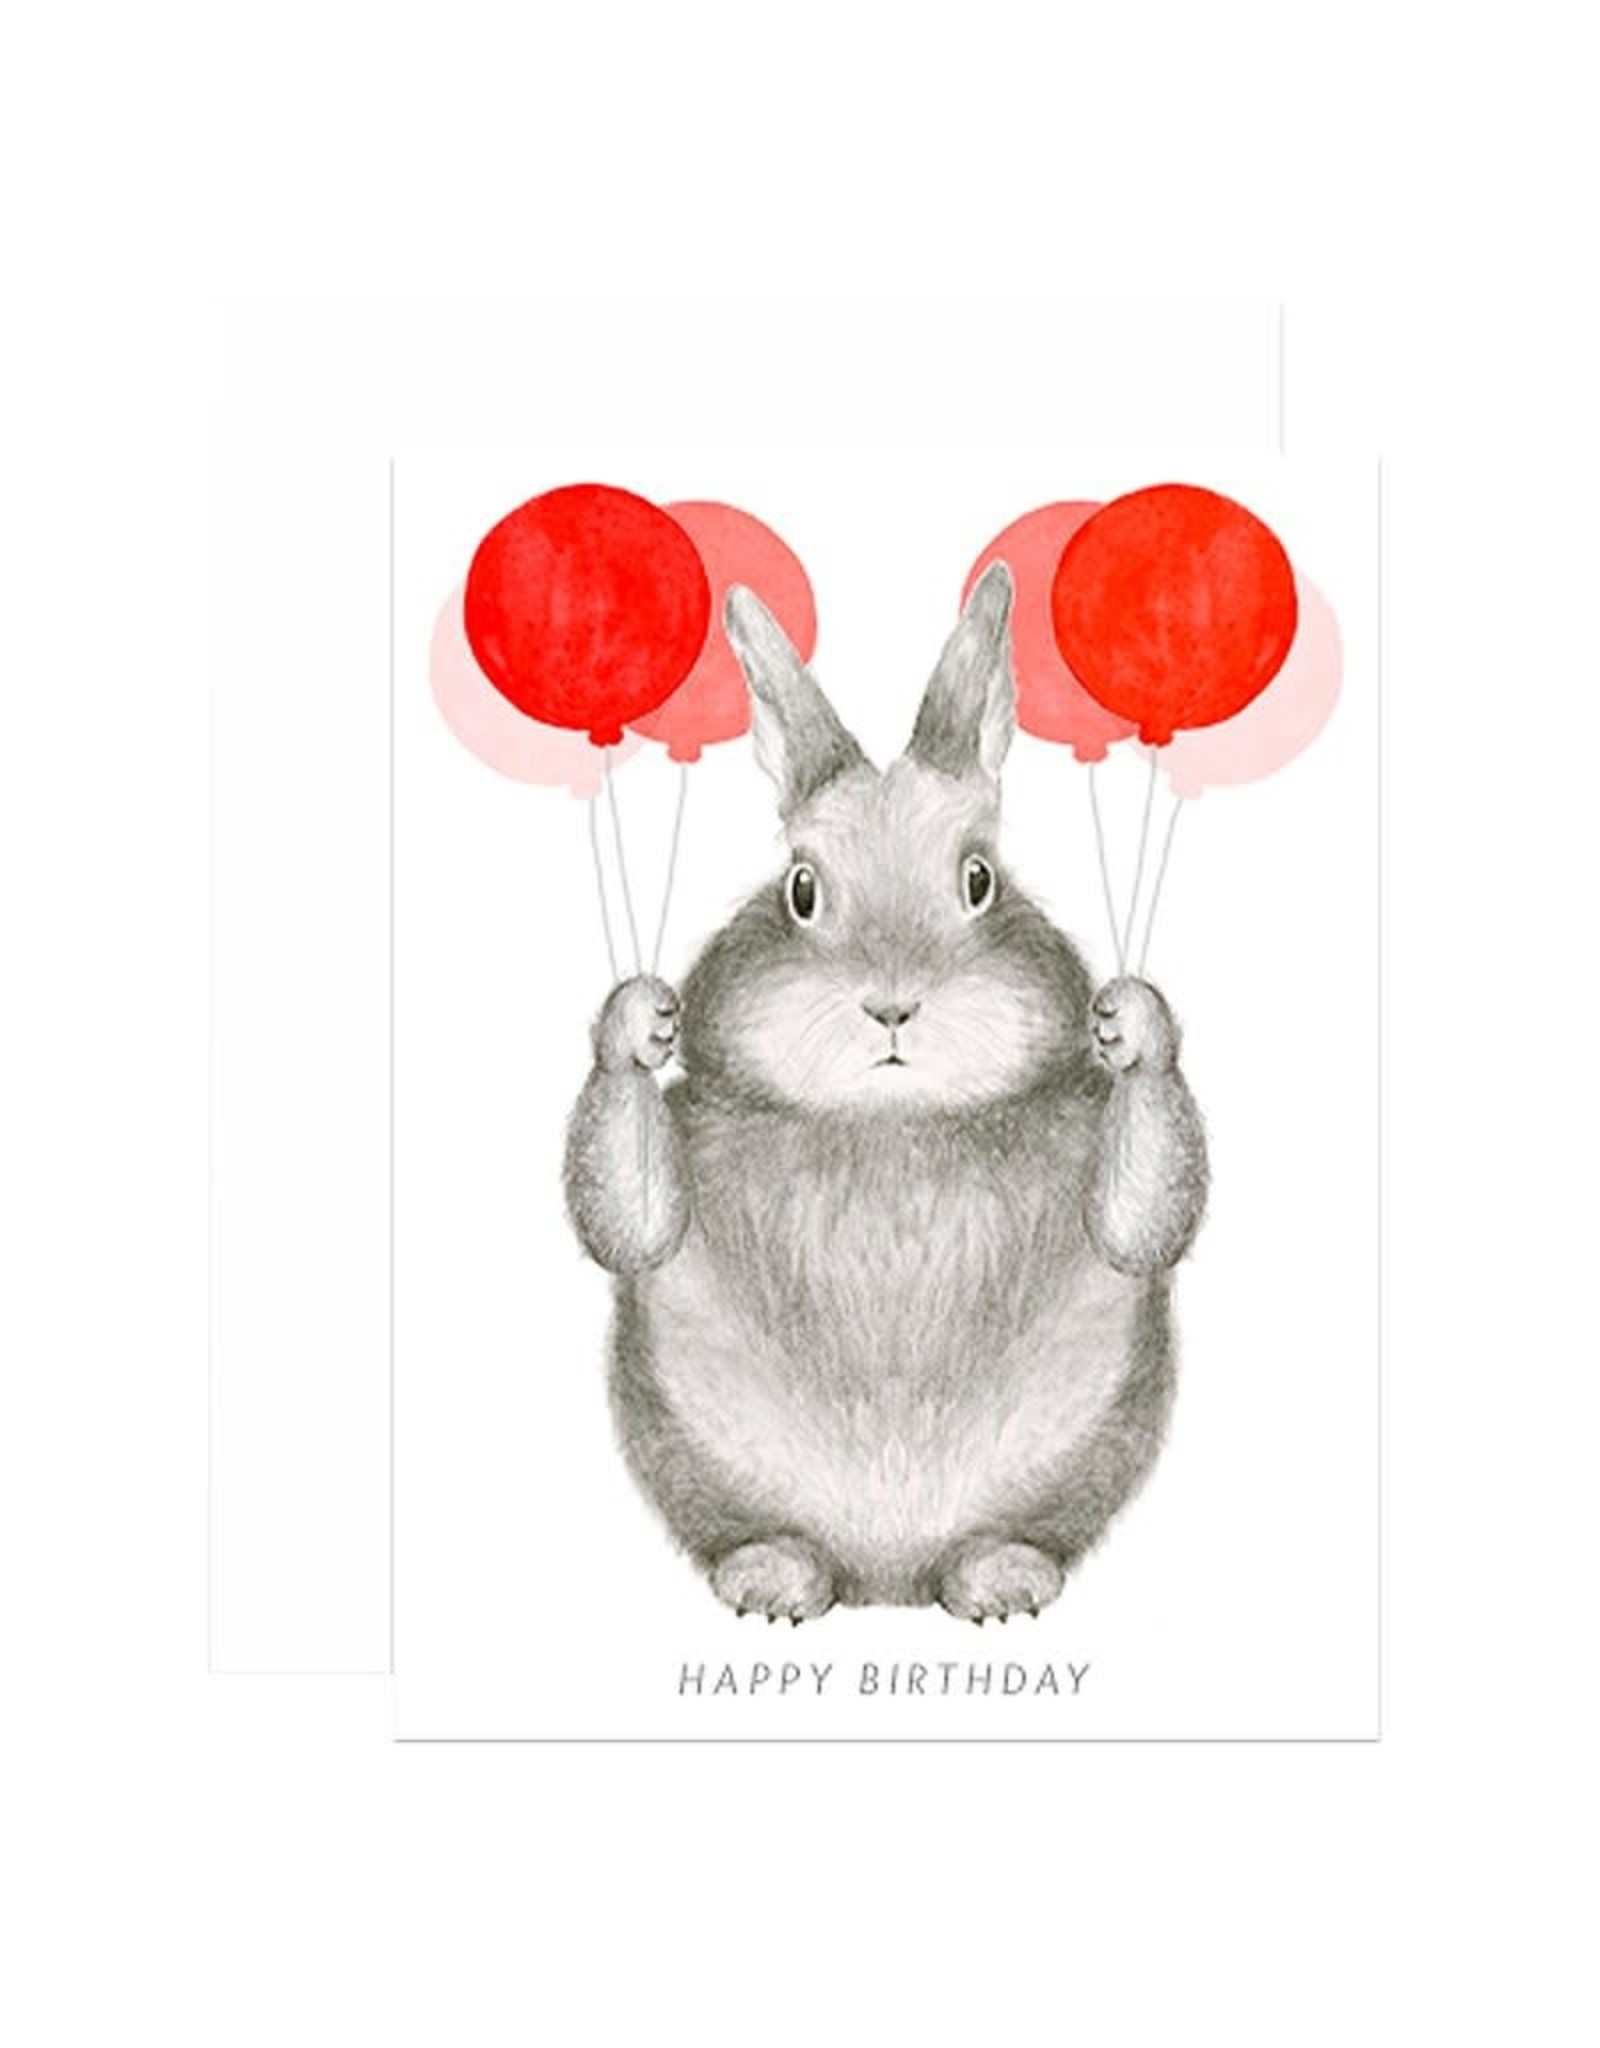 Paper E Clips Bunny Balloons Card